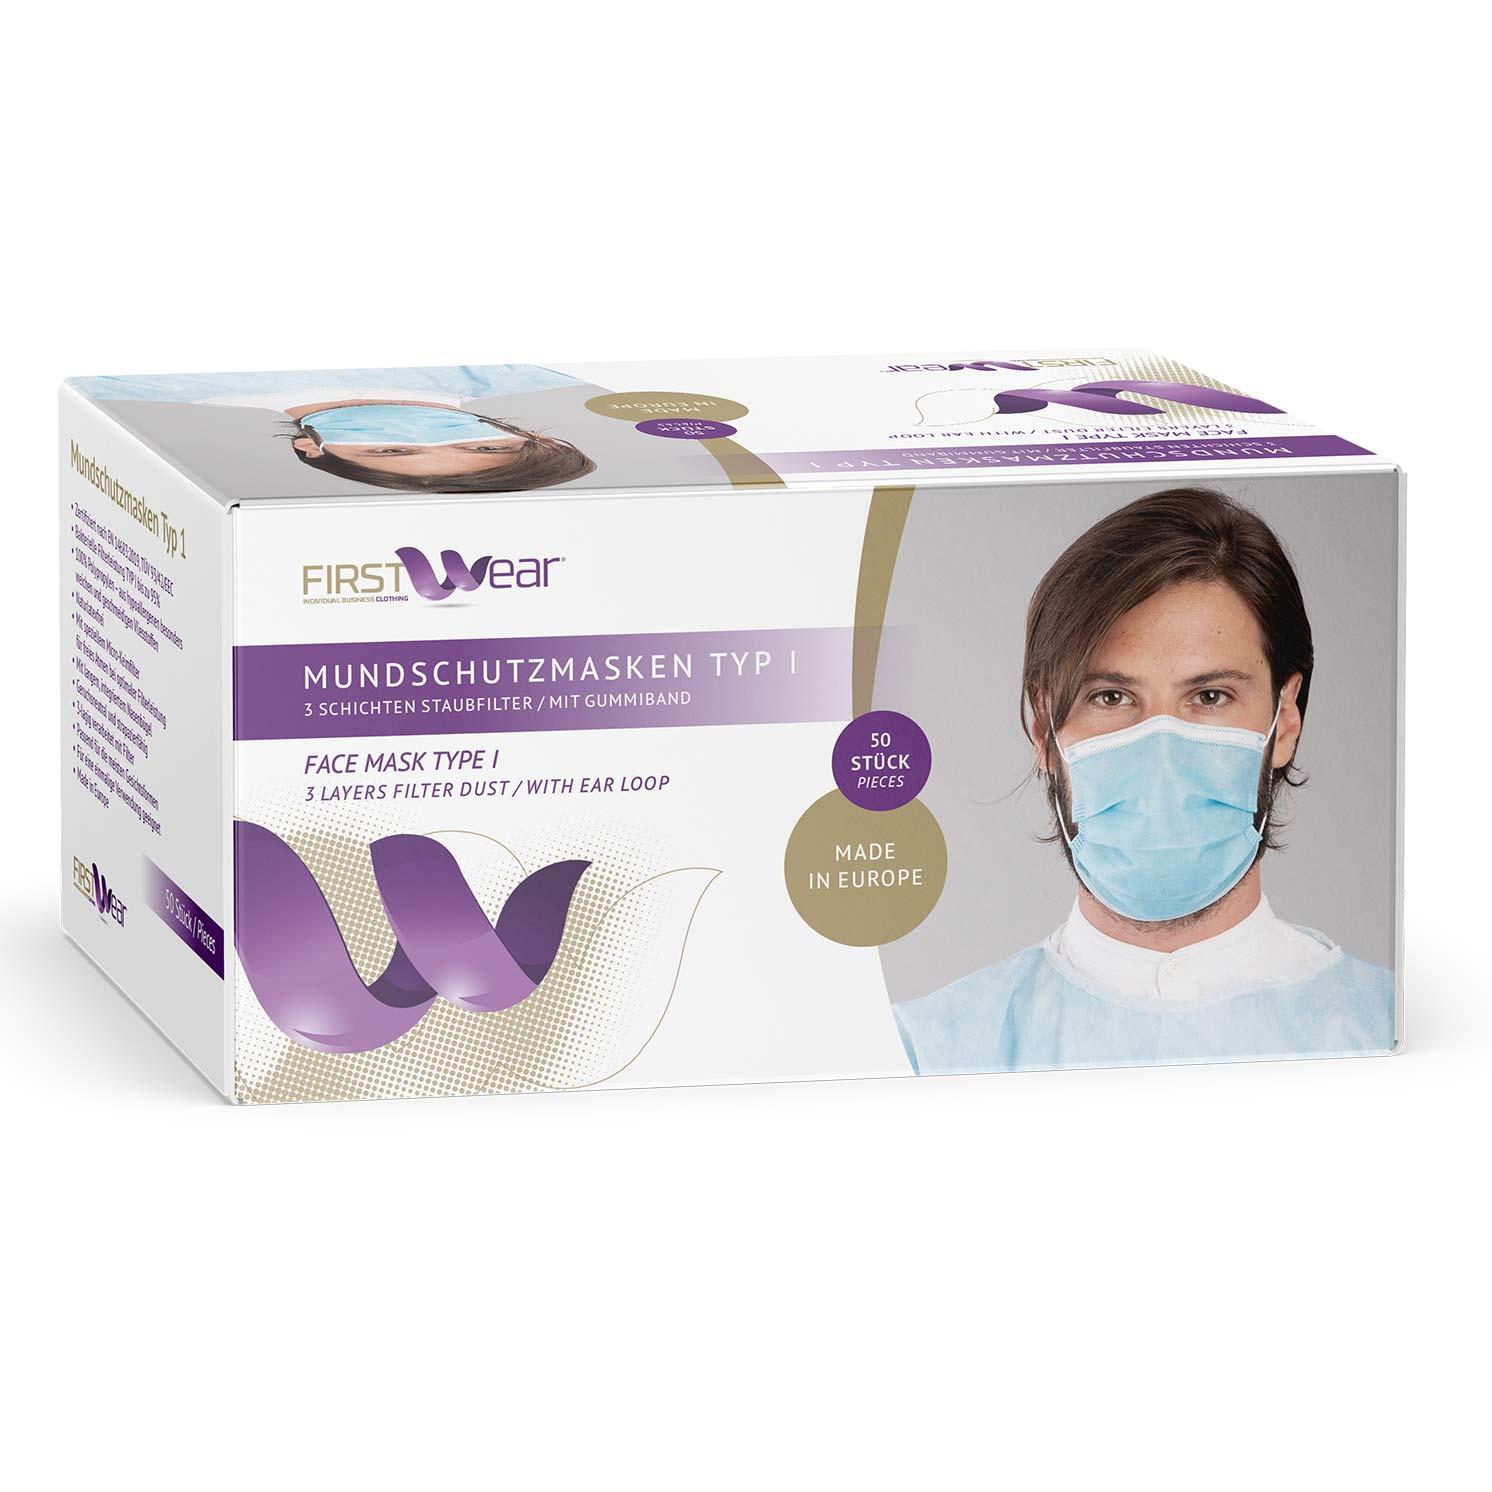 Mundschutzmasken Typ I aus 100% Polypropylen